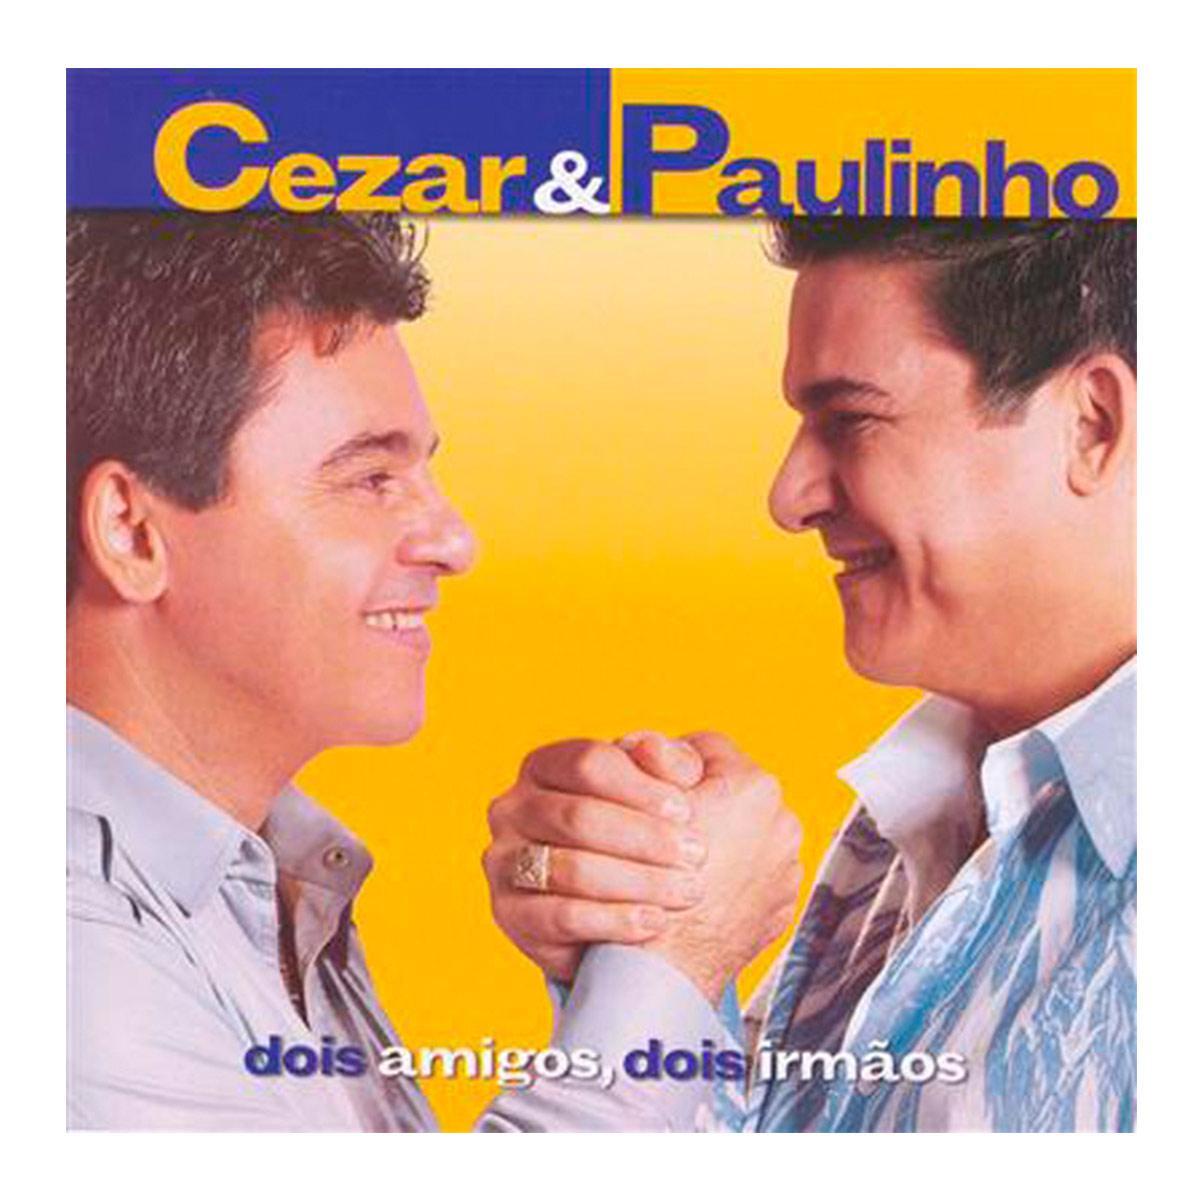 CD Cezar & Paulinho Dois Amigos, Dois Irmãos